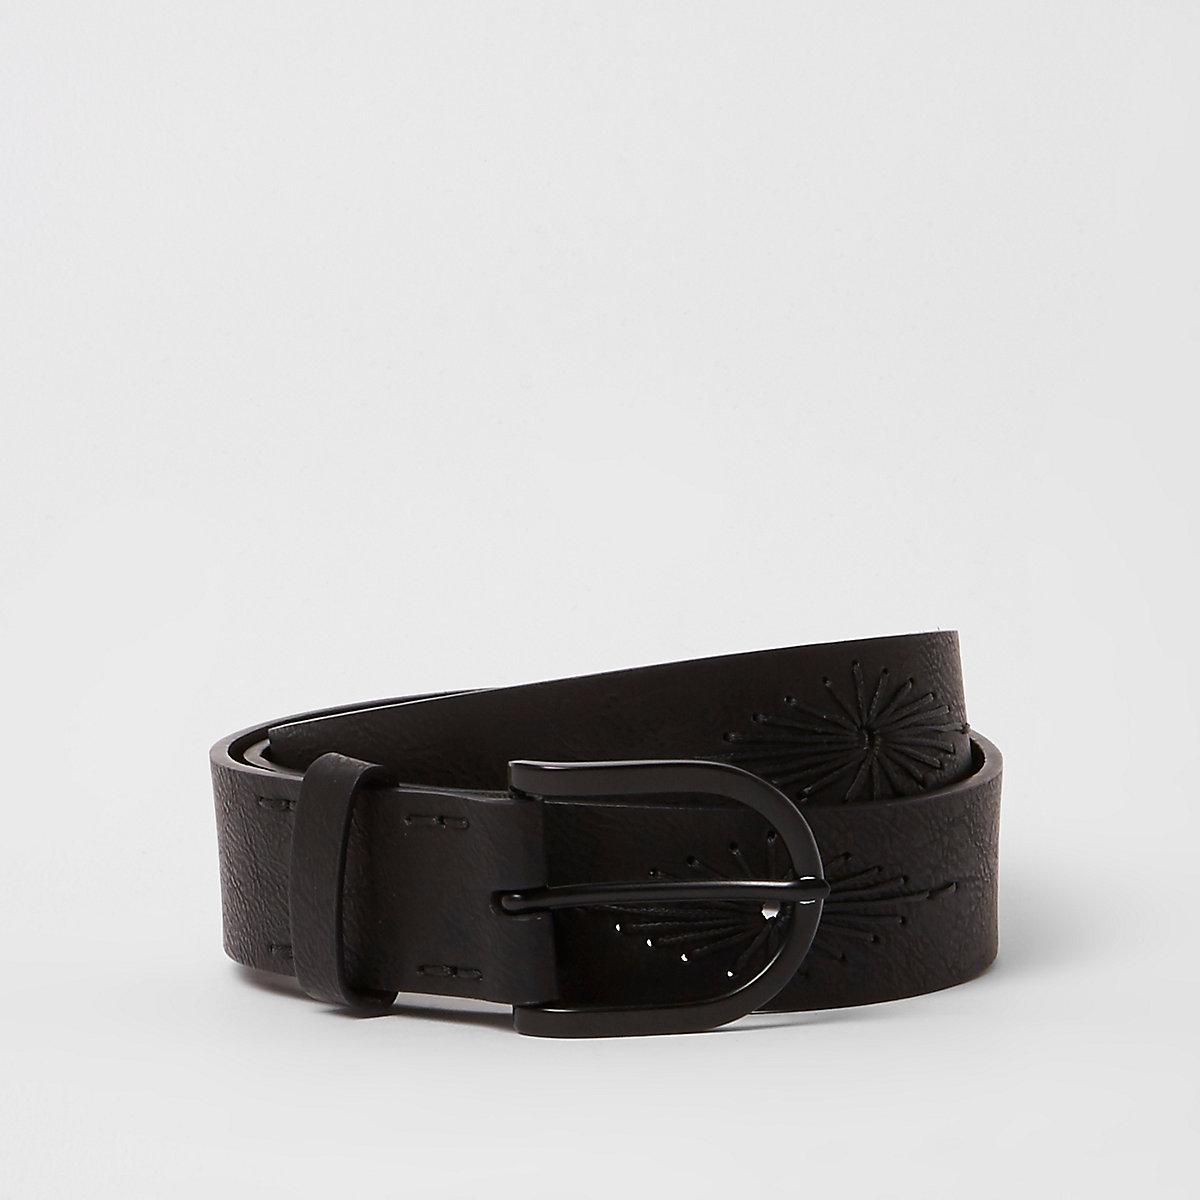 Black embroidered western belt